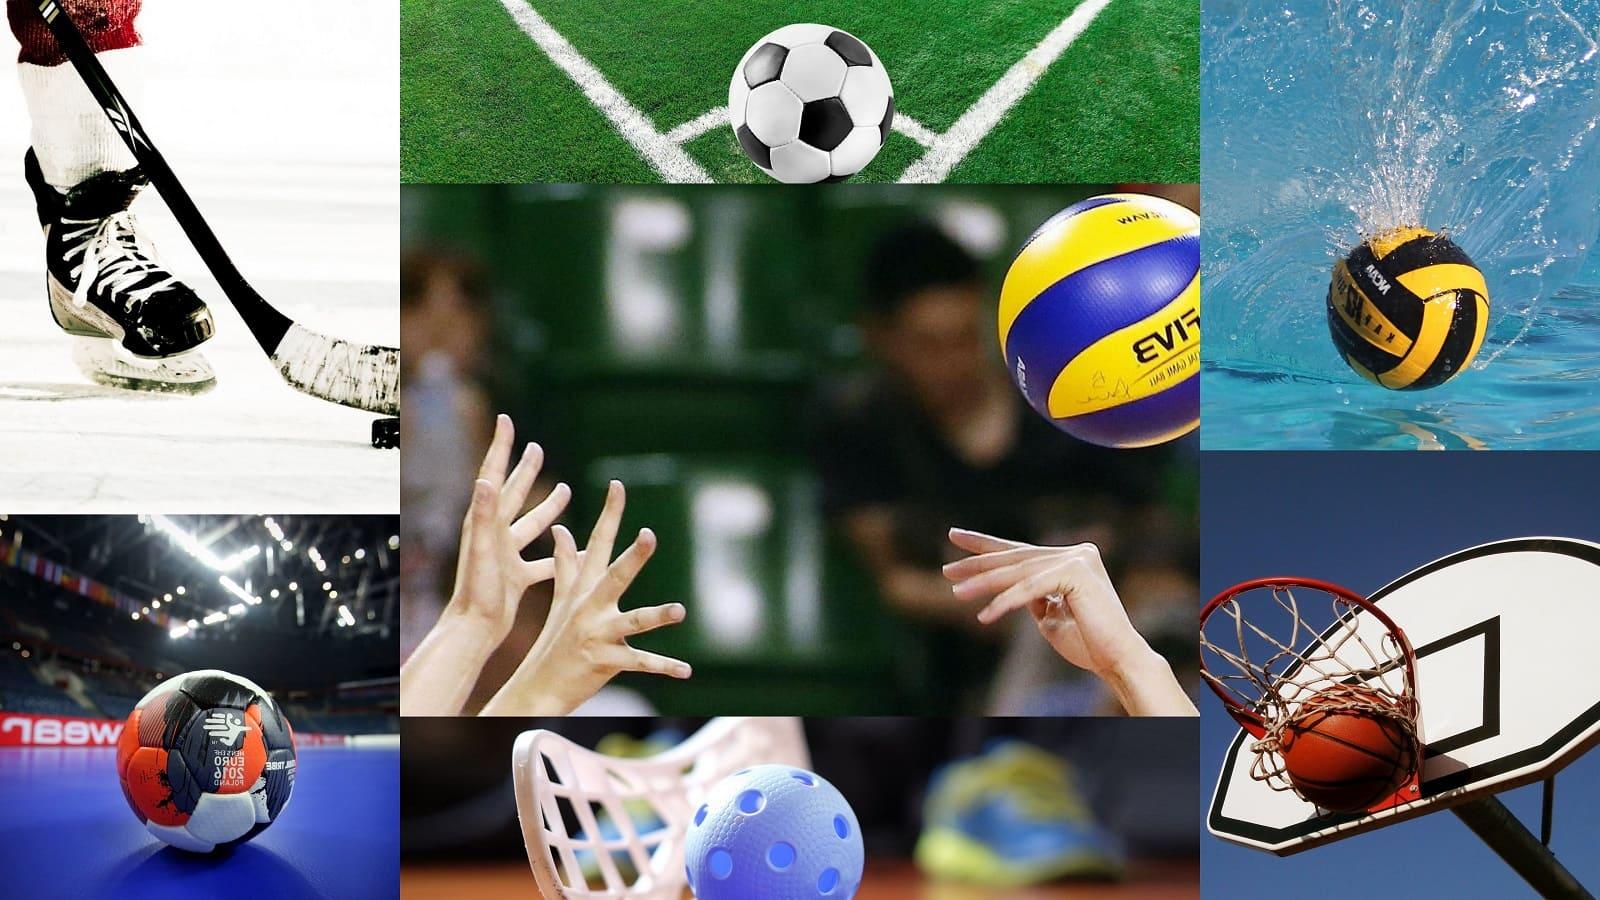 Все виды спорта по городам - фото